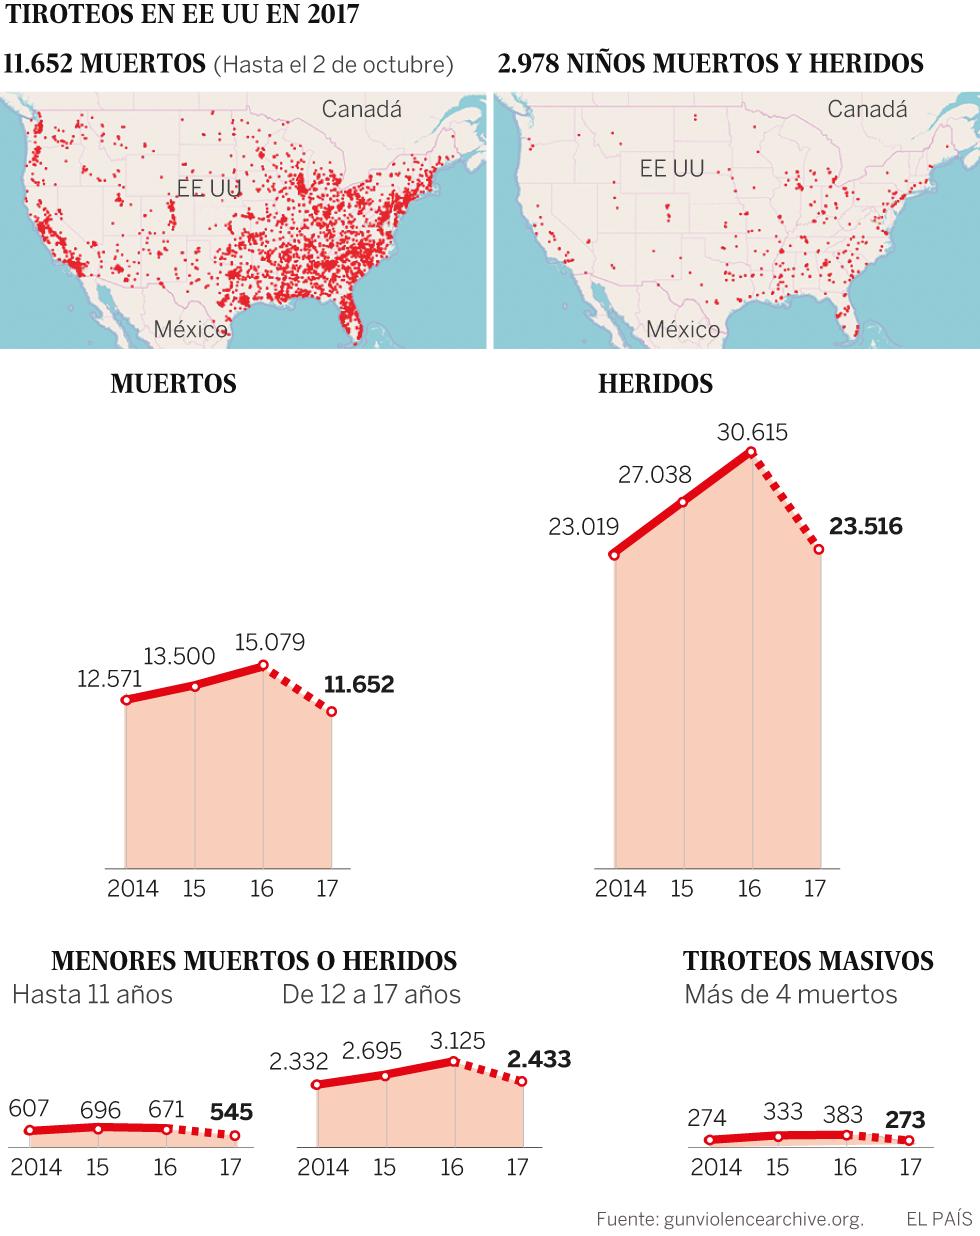 Más de 33.000 muertos al año por armas de fuego en EE UU | Estados ...